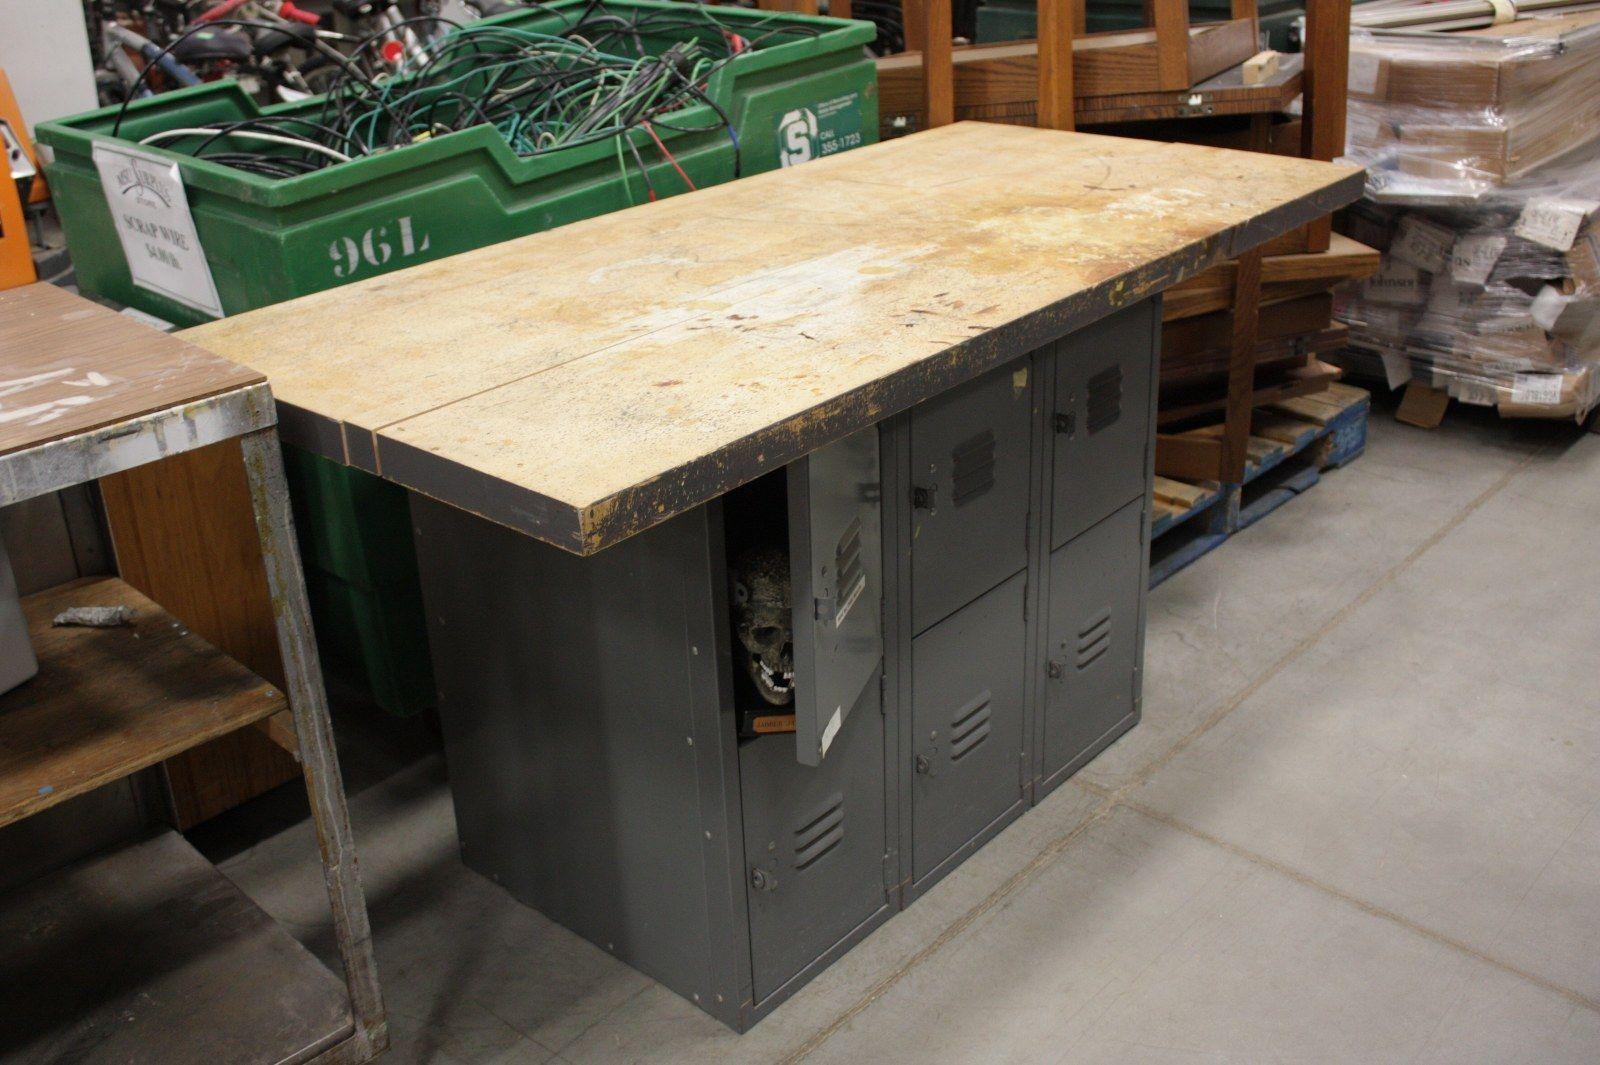 Gym locker wood slab work bench with storage with